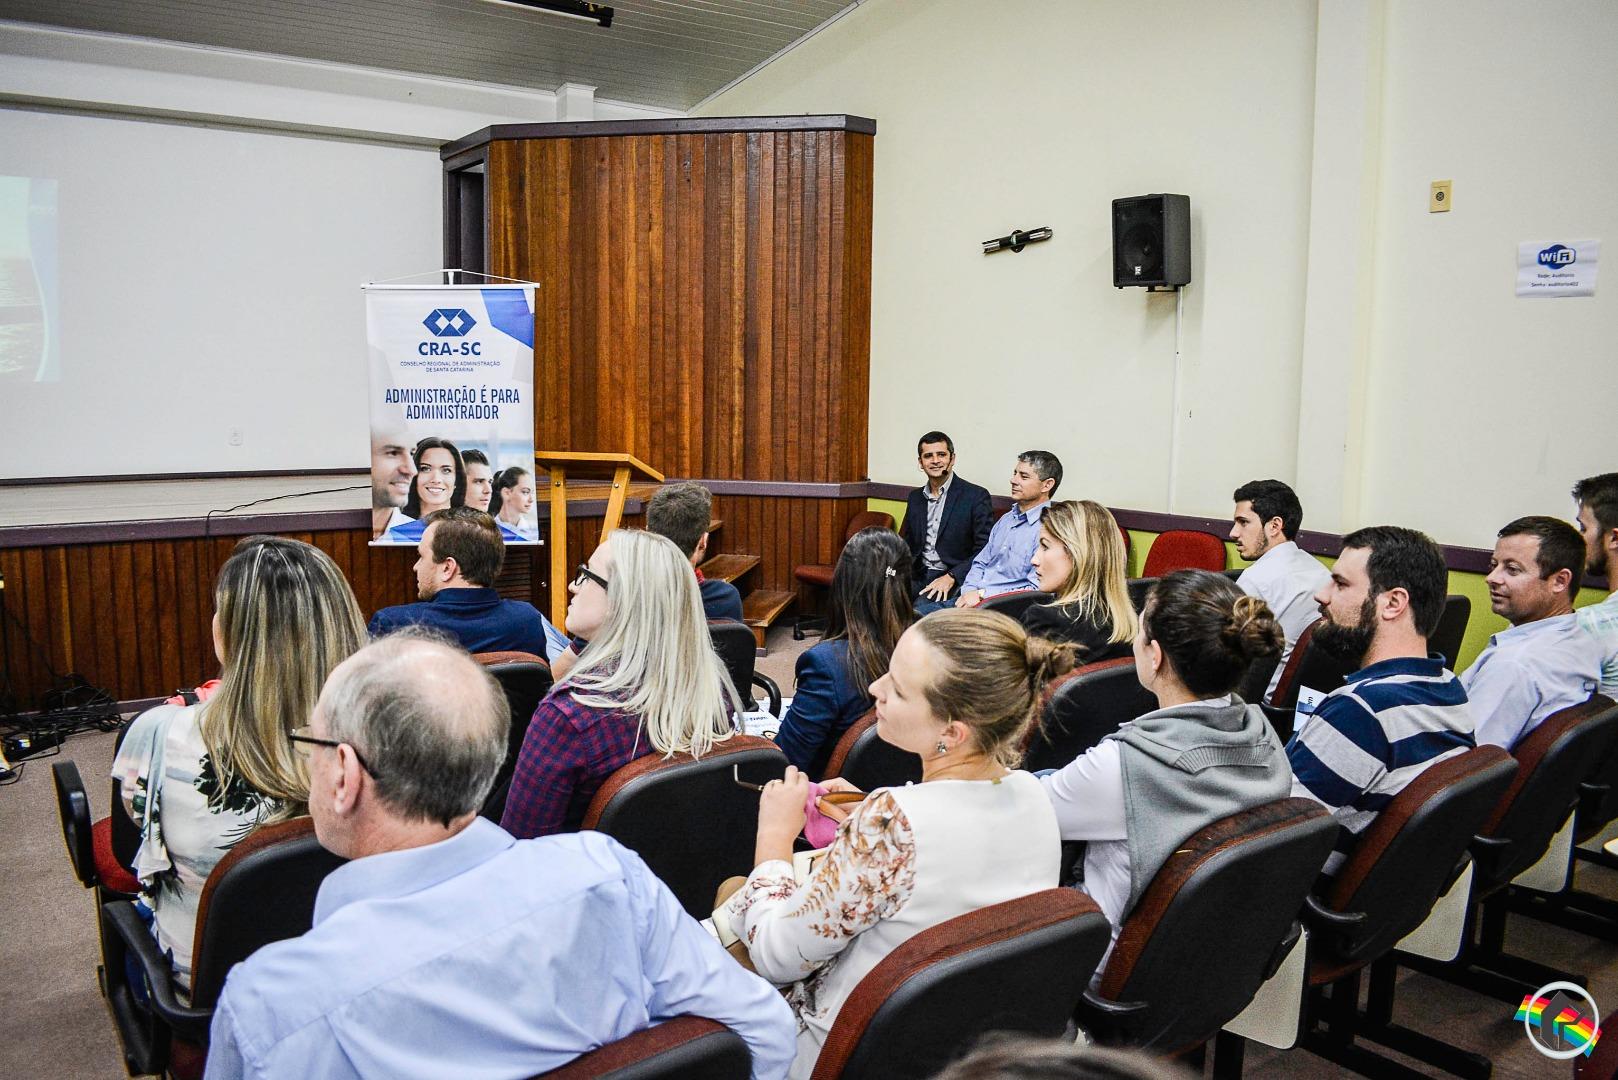 Conselho Regional de Administração realiza edição do Ideia.ADM